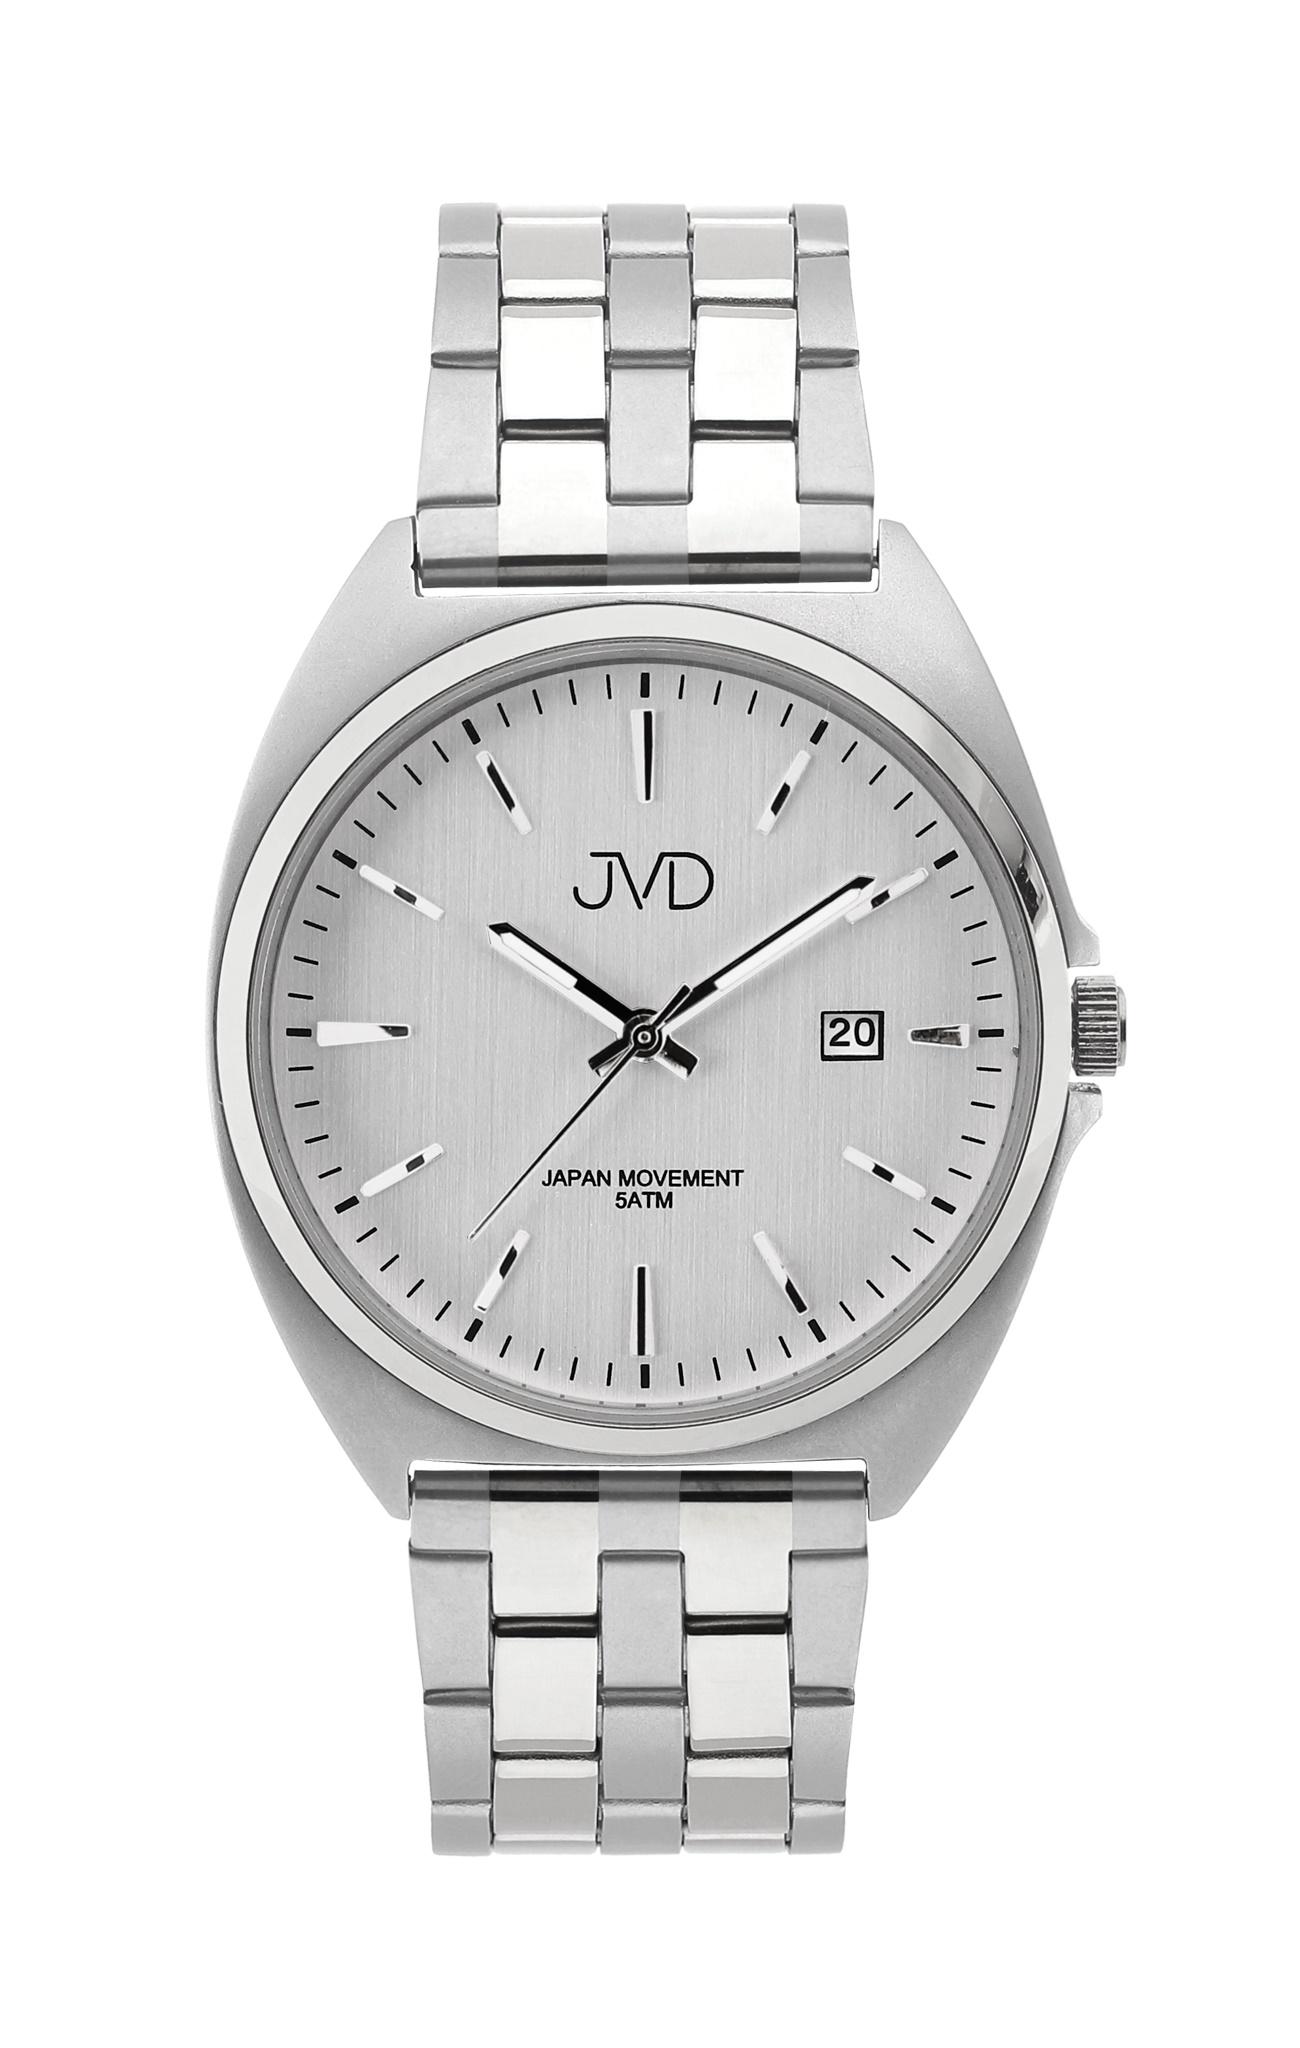 Pánské ocelové čitelné náramkové hodinky JVD J1115.2 - 5ATM (POŠTOVNÉ ZDARMA!!)